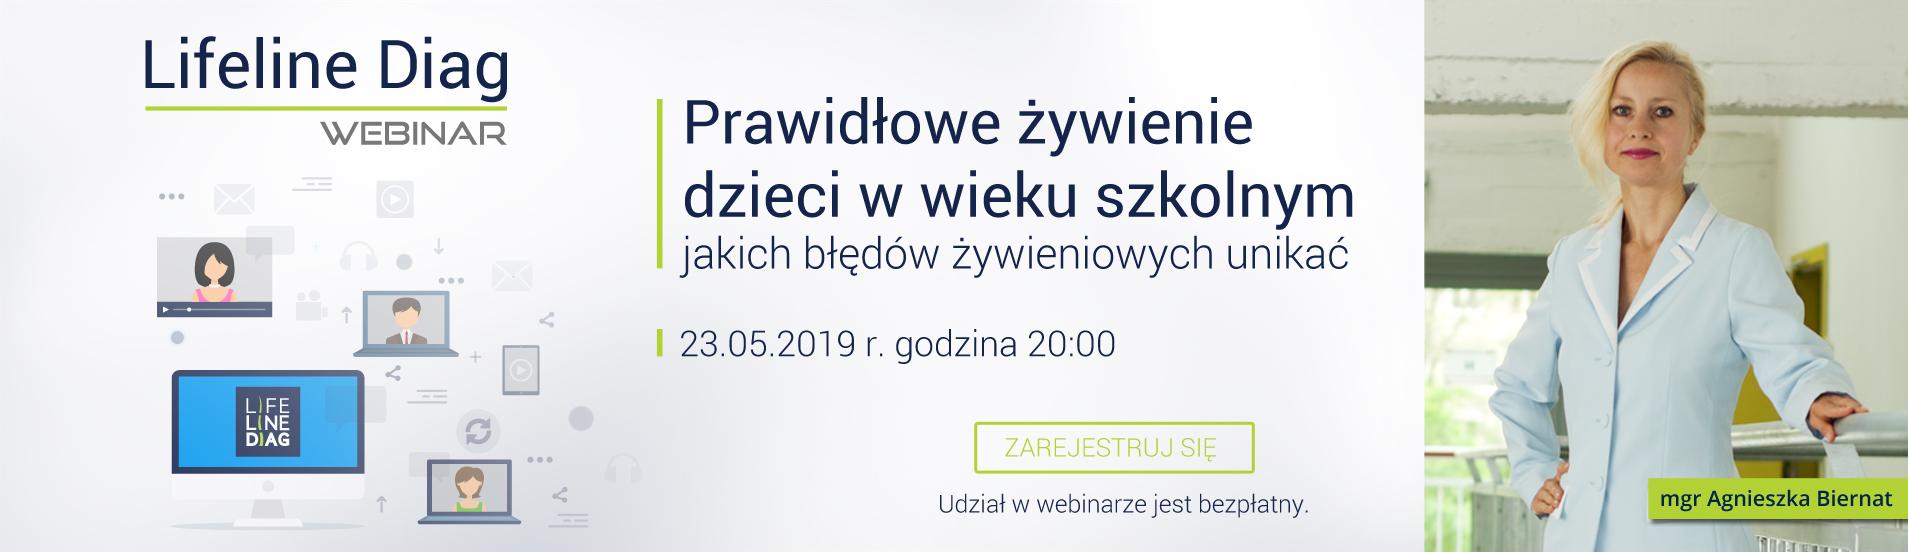 webinar 23.05.2019